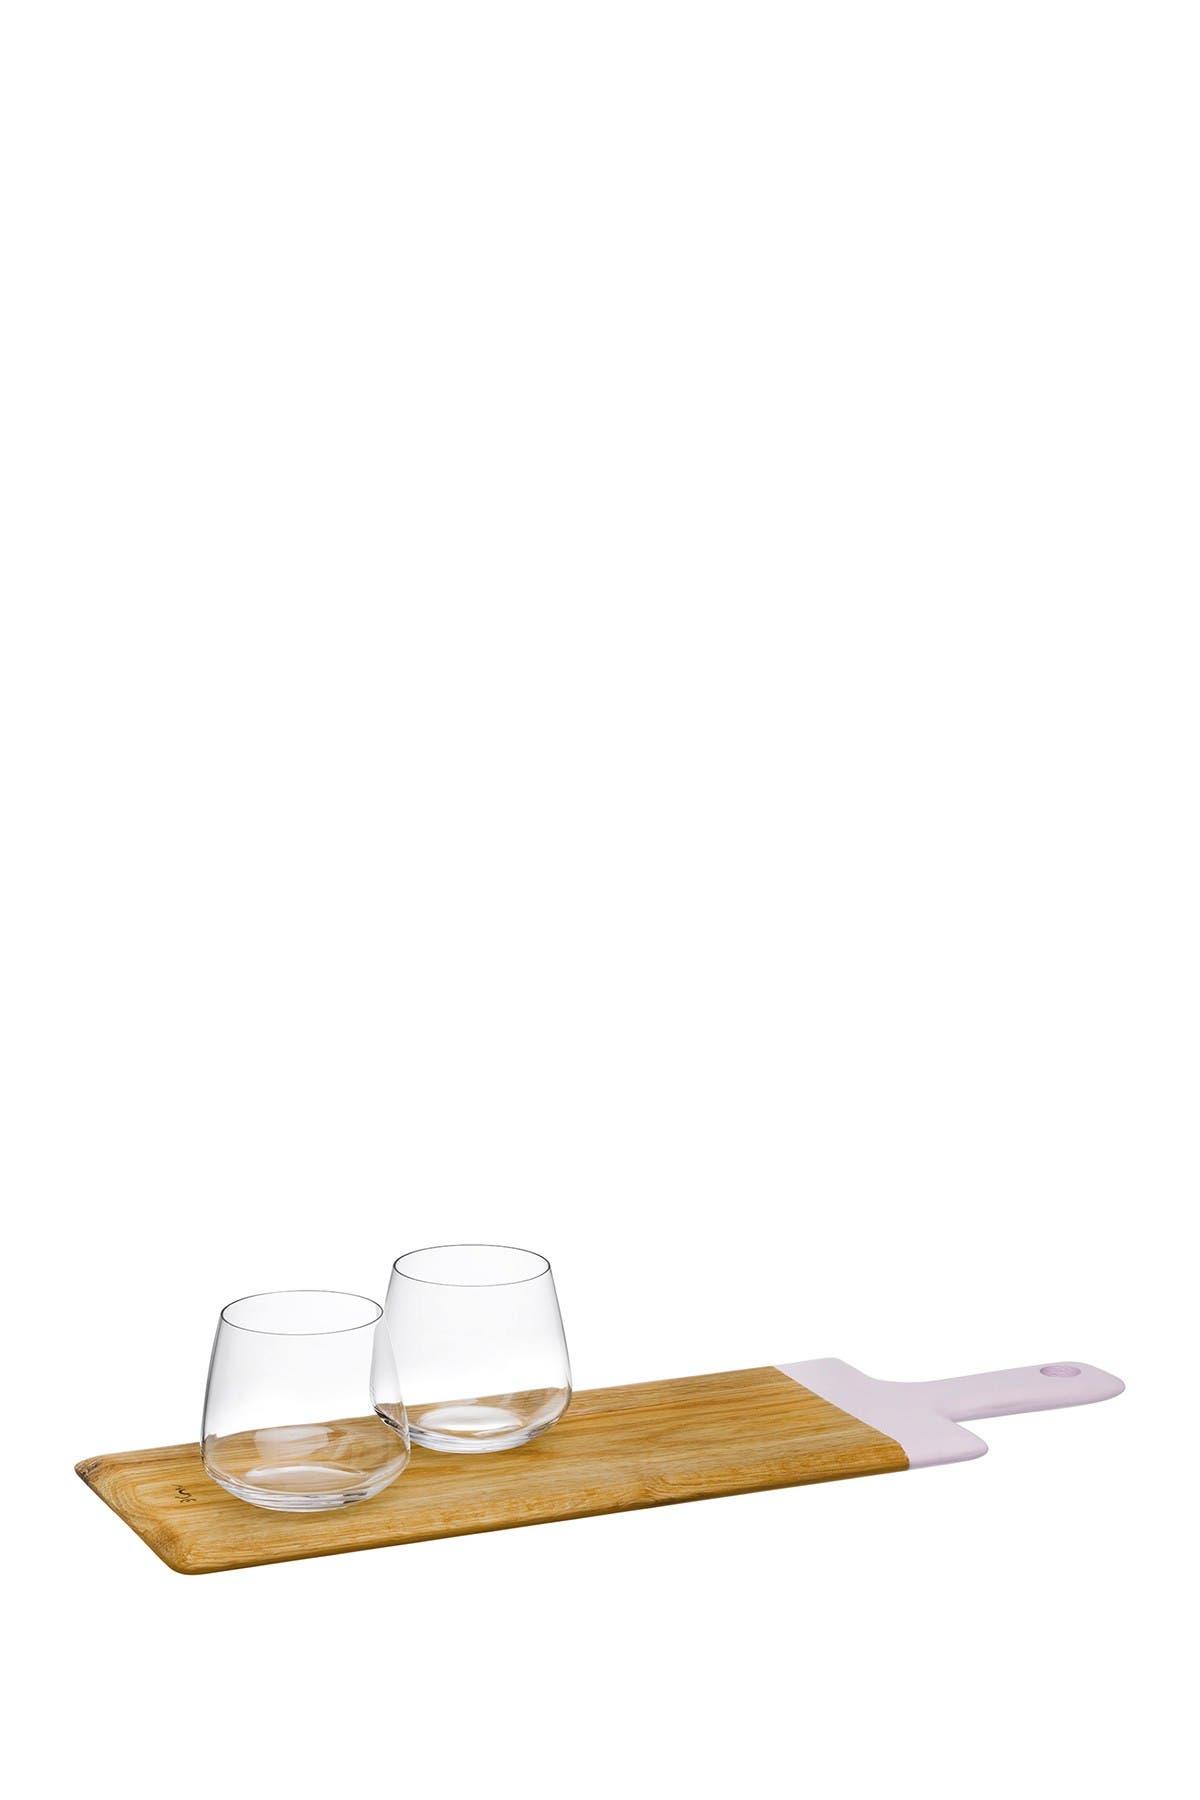 Image of Nude Glass Enjoy Serving Set